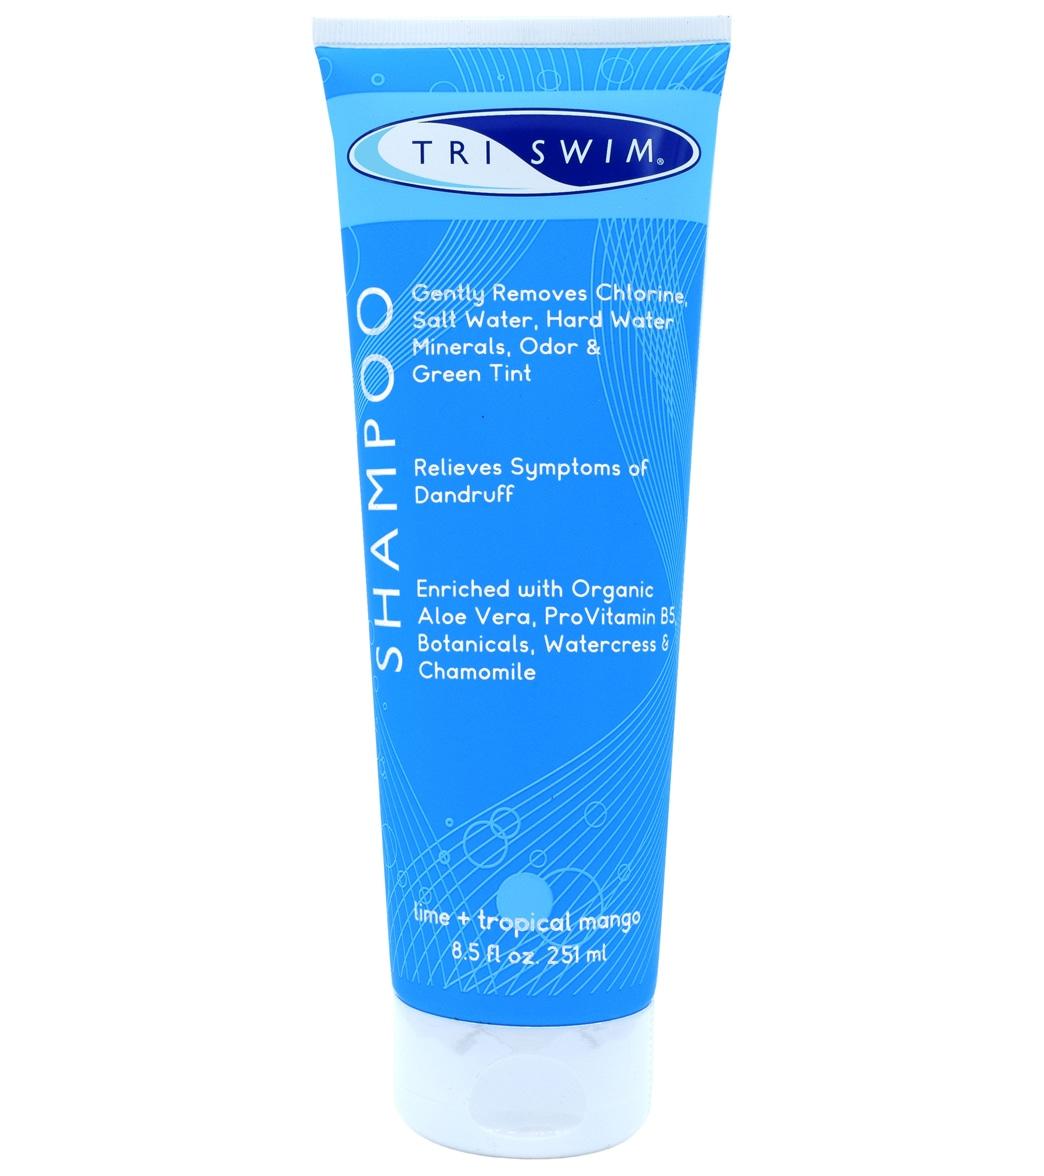 d623463d939 TRISWIM Shampoo 8.5oz at SwimOutlet.com